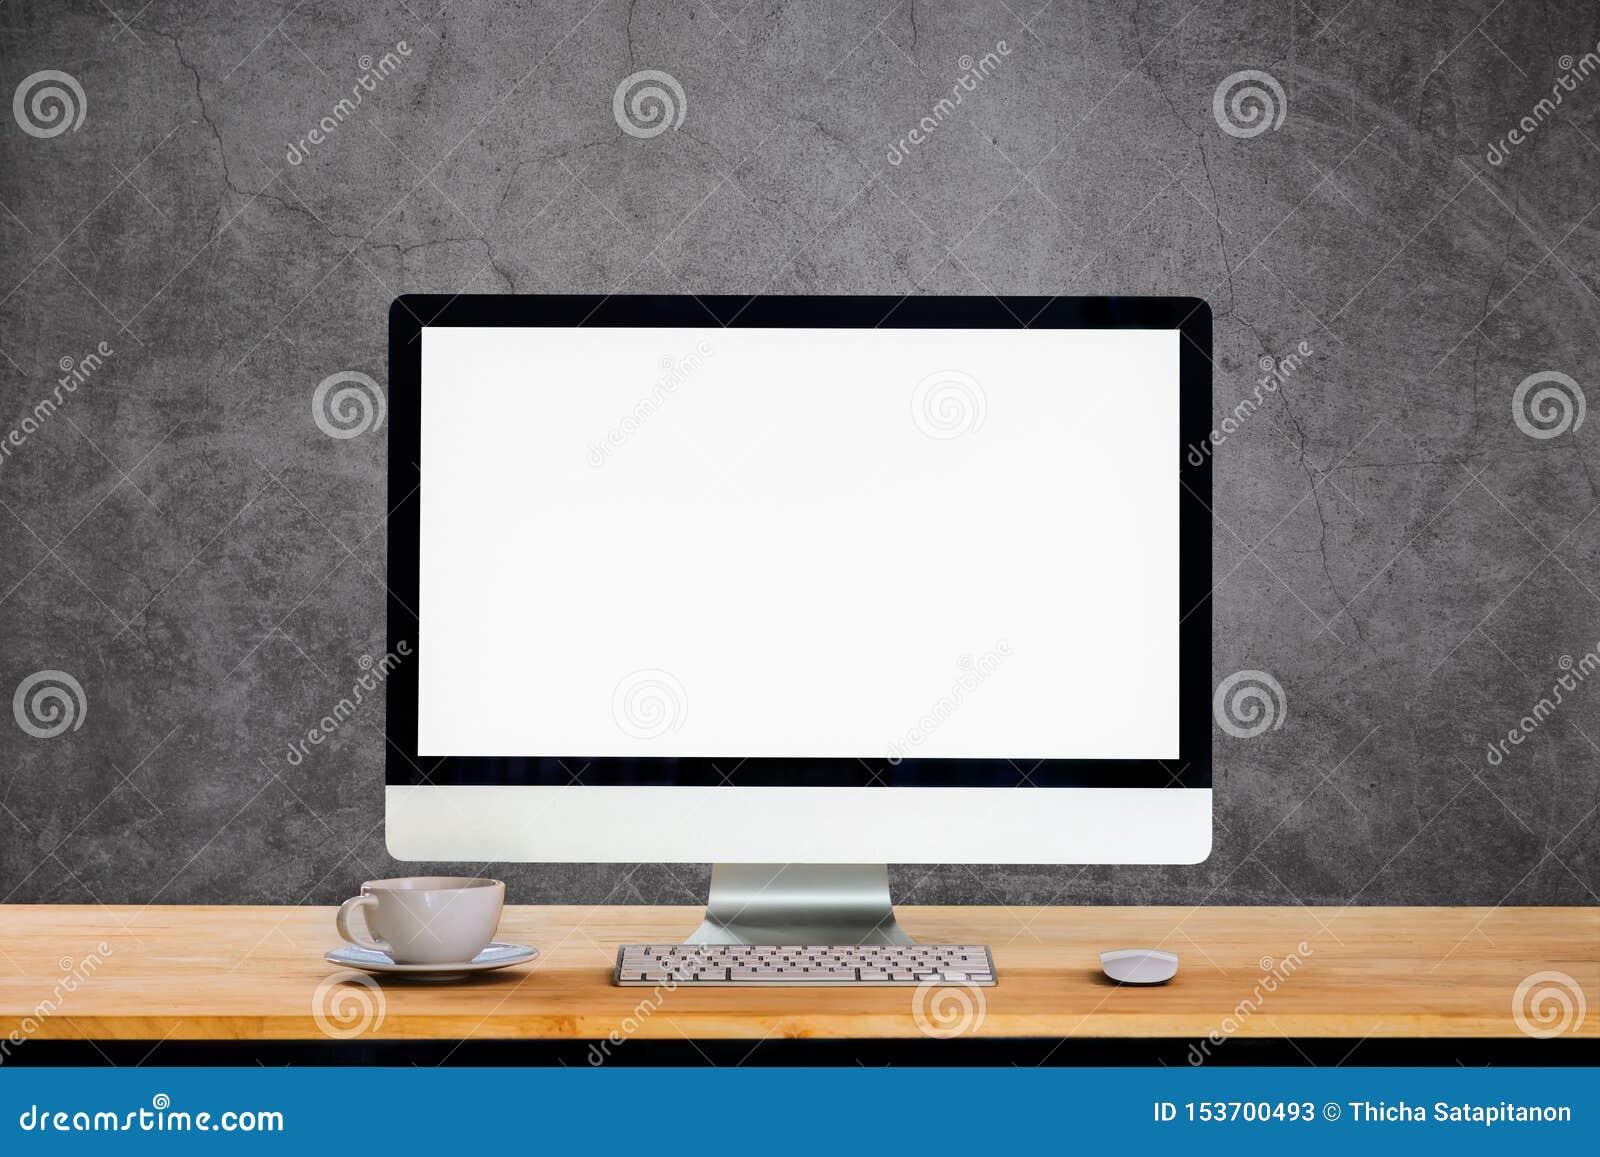 Workspace with desktop computer.